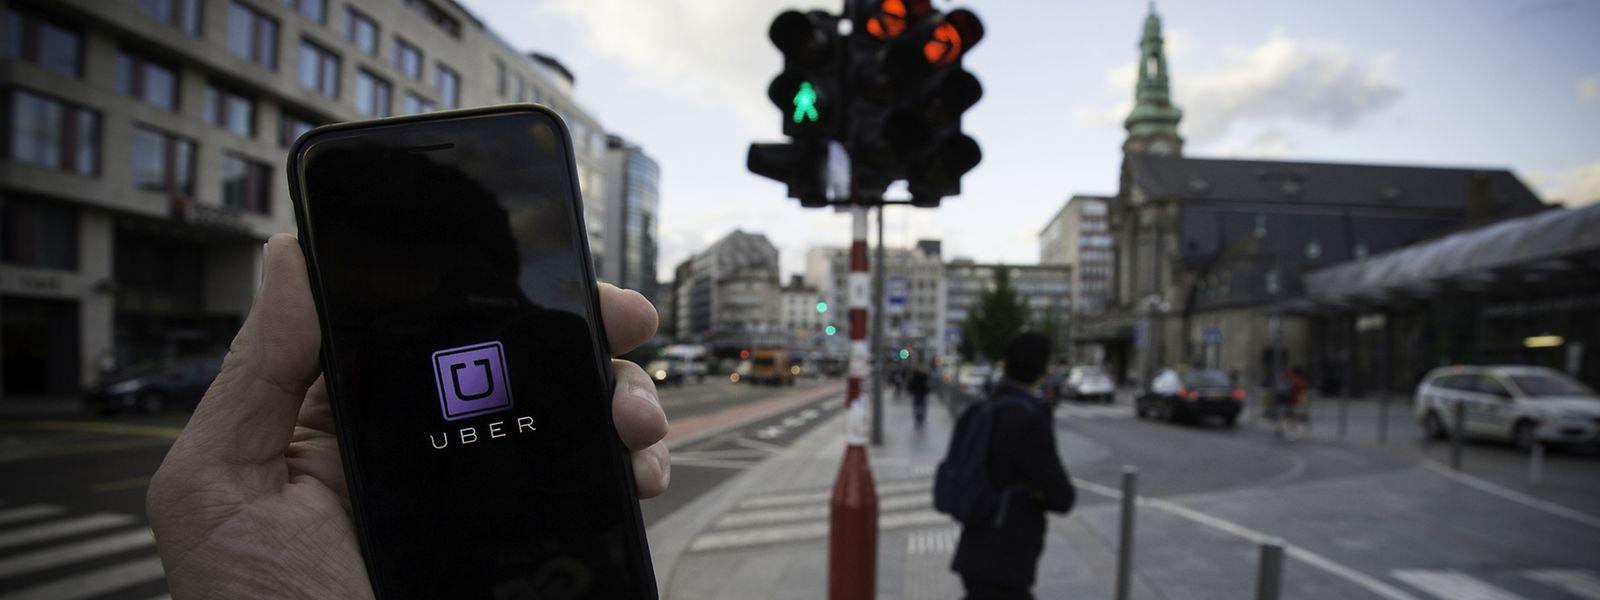 """Uber hat sich eigenen Angaben zufolge zum Ziel gesetzt, überall auf der Welt """"bezahlbare, verlässliche und sichere Fahrdienste per Knopfdruck"""" anzubieten und würde auch gerne hierzulande aktiv werden."""